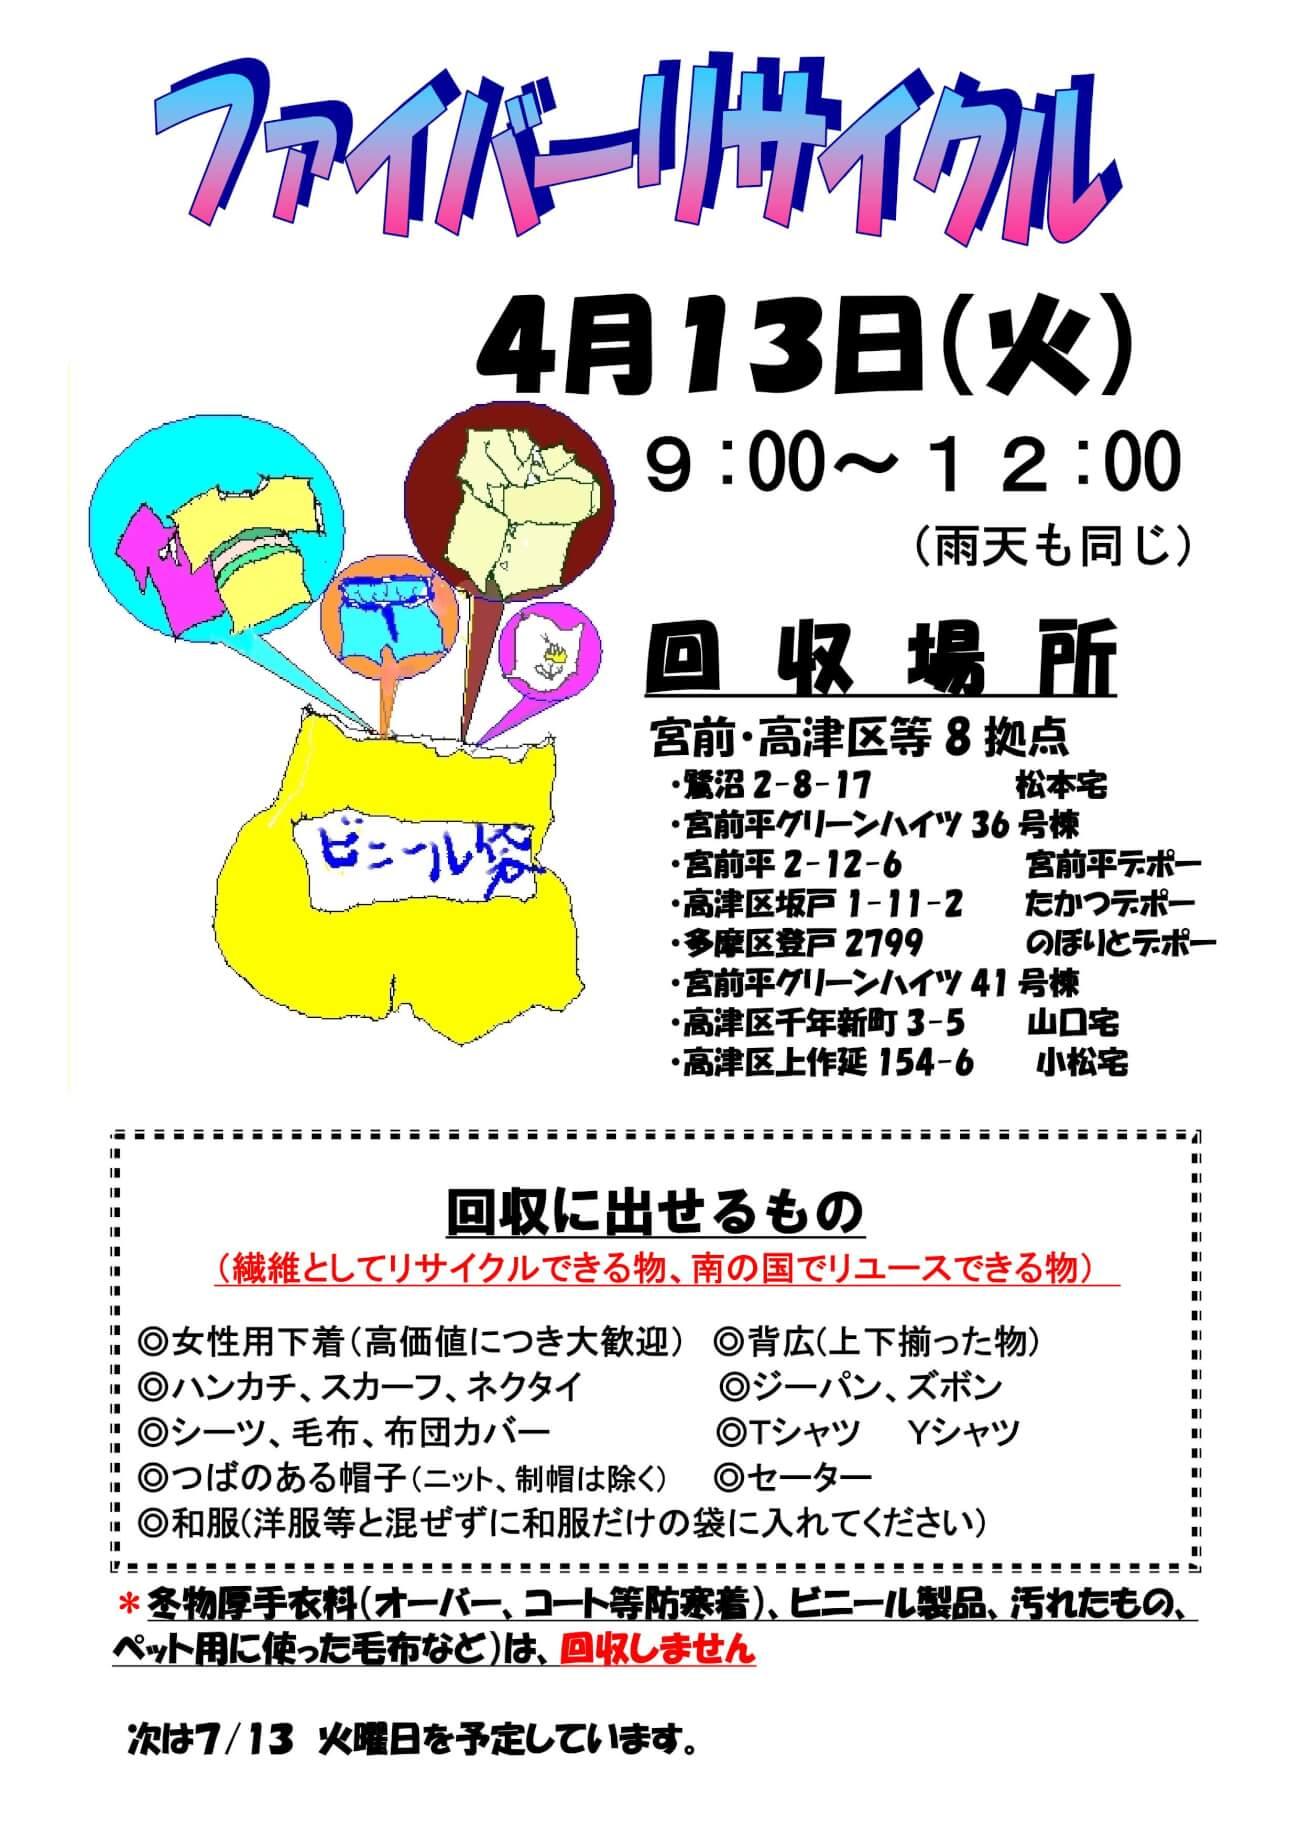 ファイバーリサイクルビラ2021-04まち倶楽部_imgs-0001